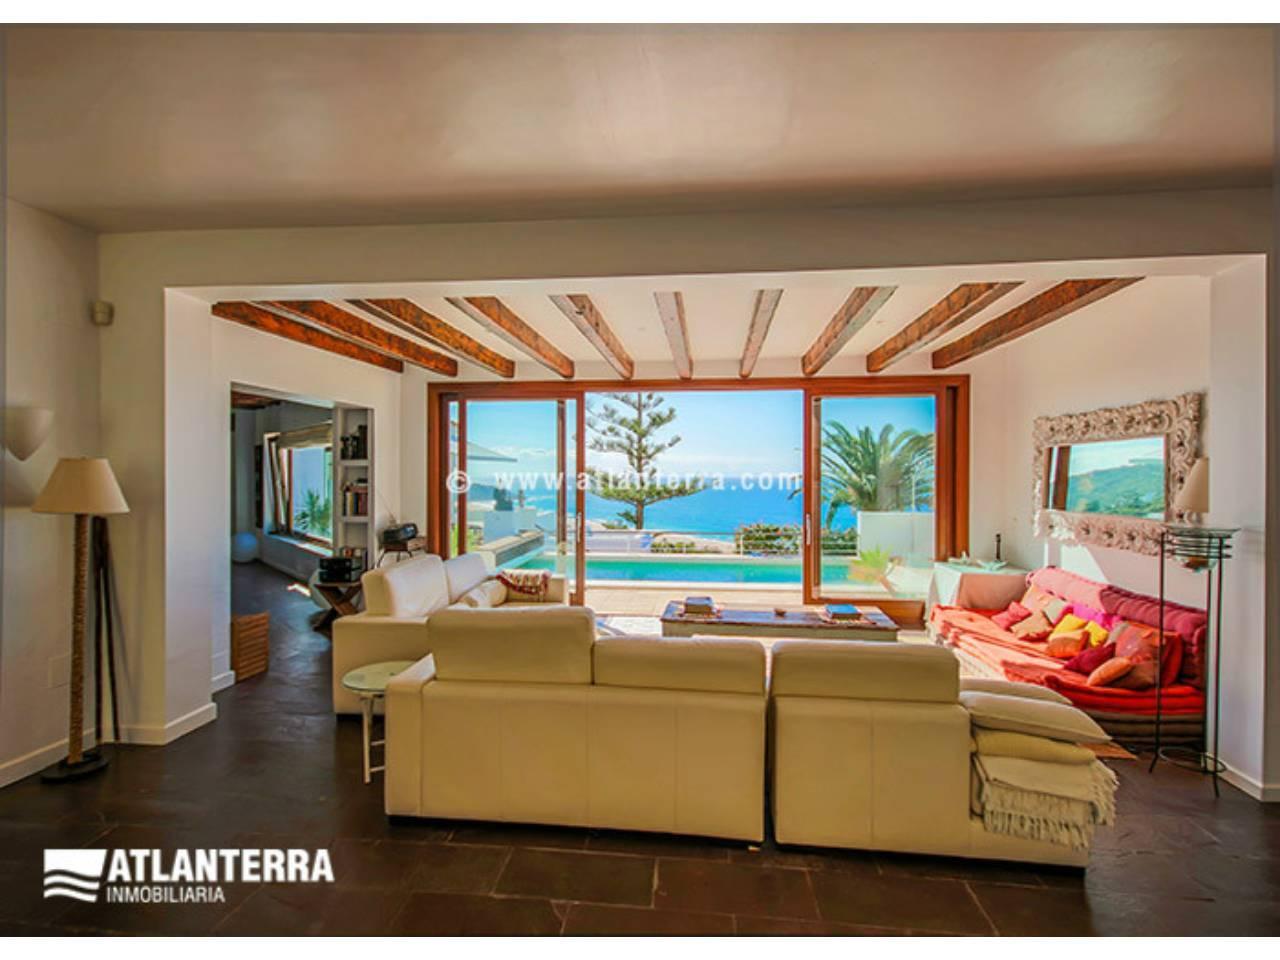 25885350 3170057 foto 487356 - Estilo rústico, privacidad y vistas maravillosas en esta villa en Zahara de los Atunes (Cádiz)